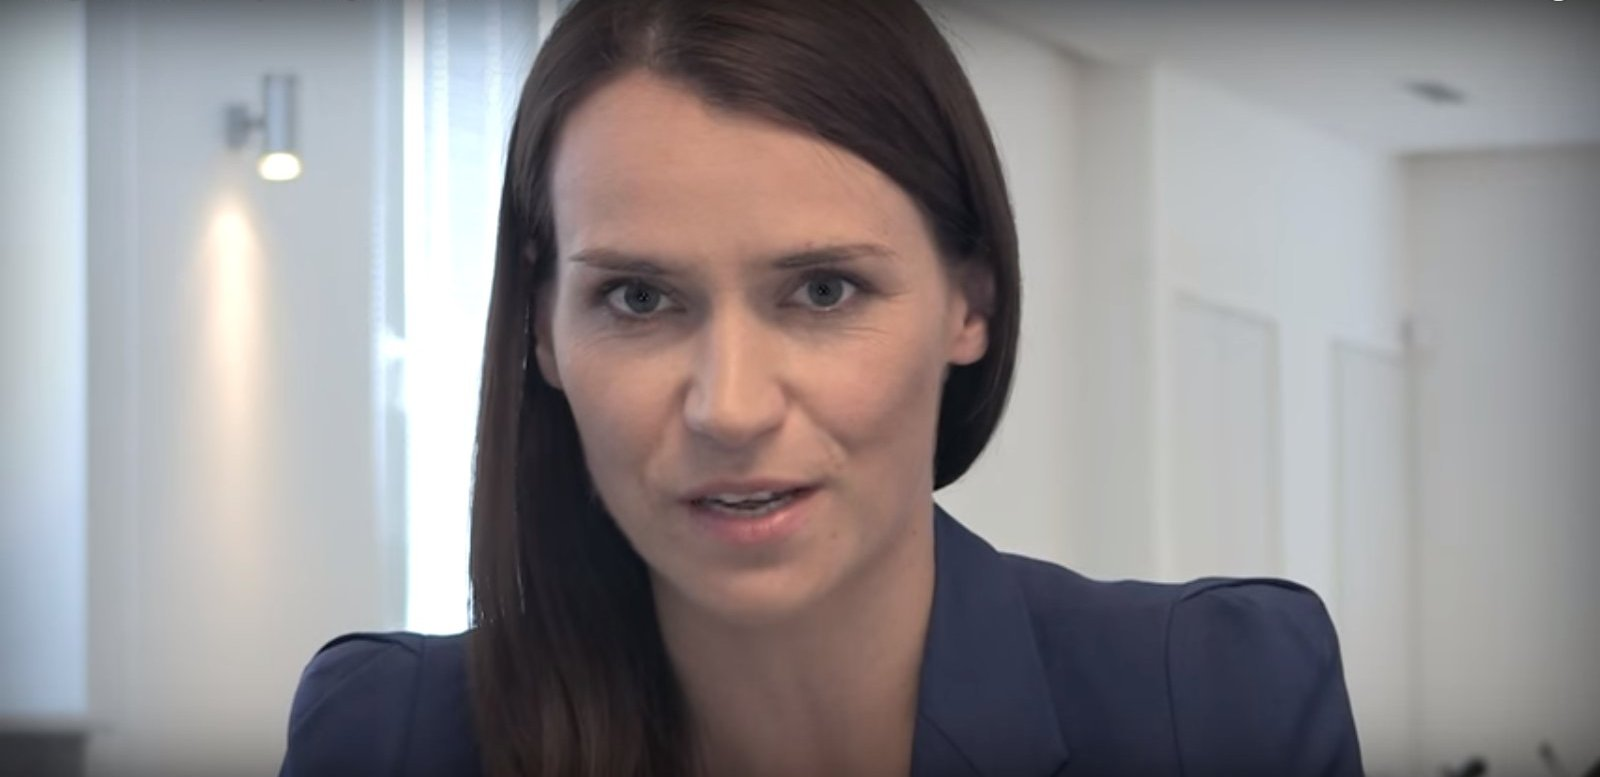 """propolski.pl: Agnieszka Pomaska pokazała wiadomości od hejtera: """"Ty je**na ku**o"""". Będą konsekwencje?"""